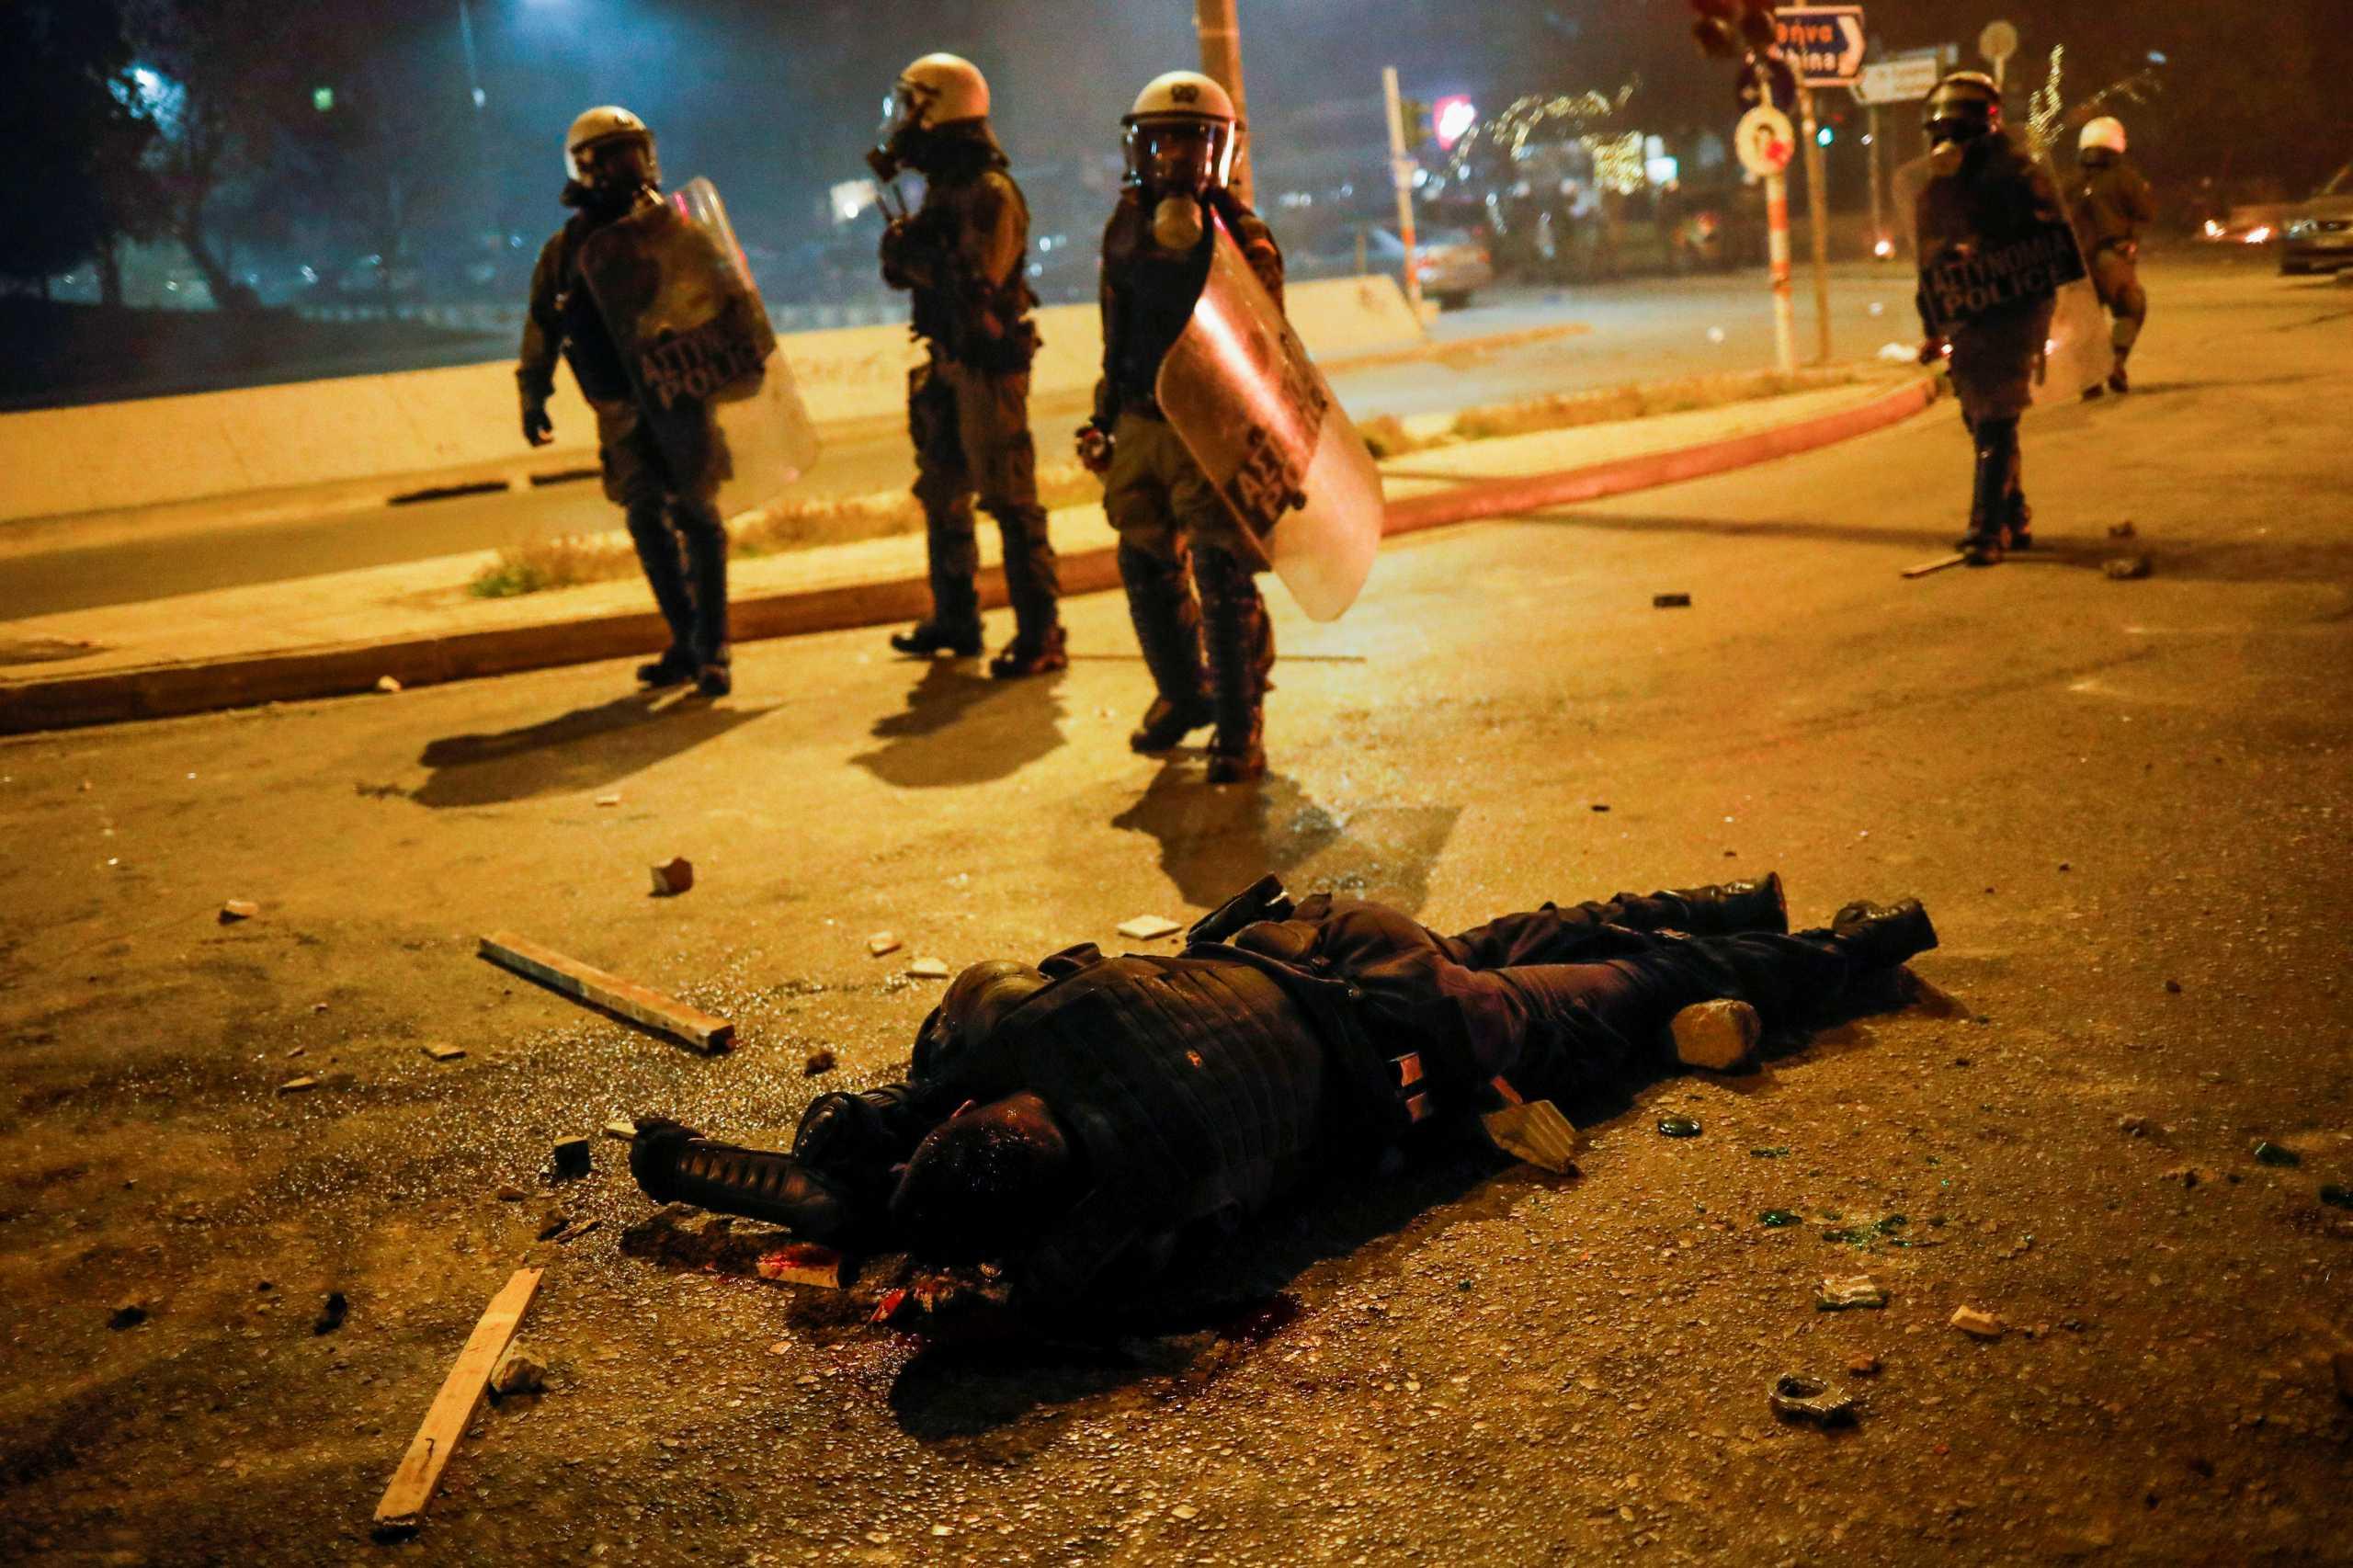 Νέα Σμύρνη – Σοκάρει η κατάθεση του 28χρονου αστυνομικού: Ζω από θαύμα